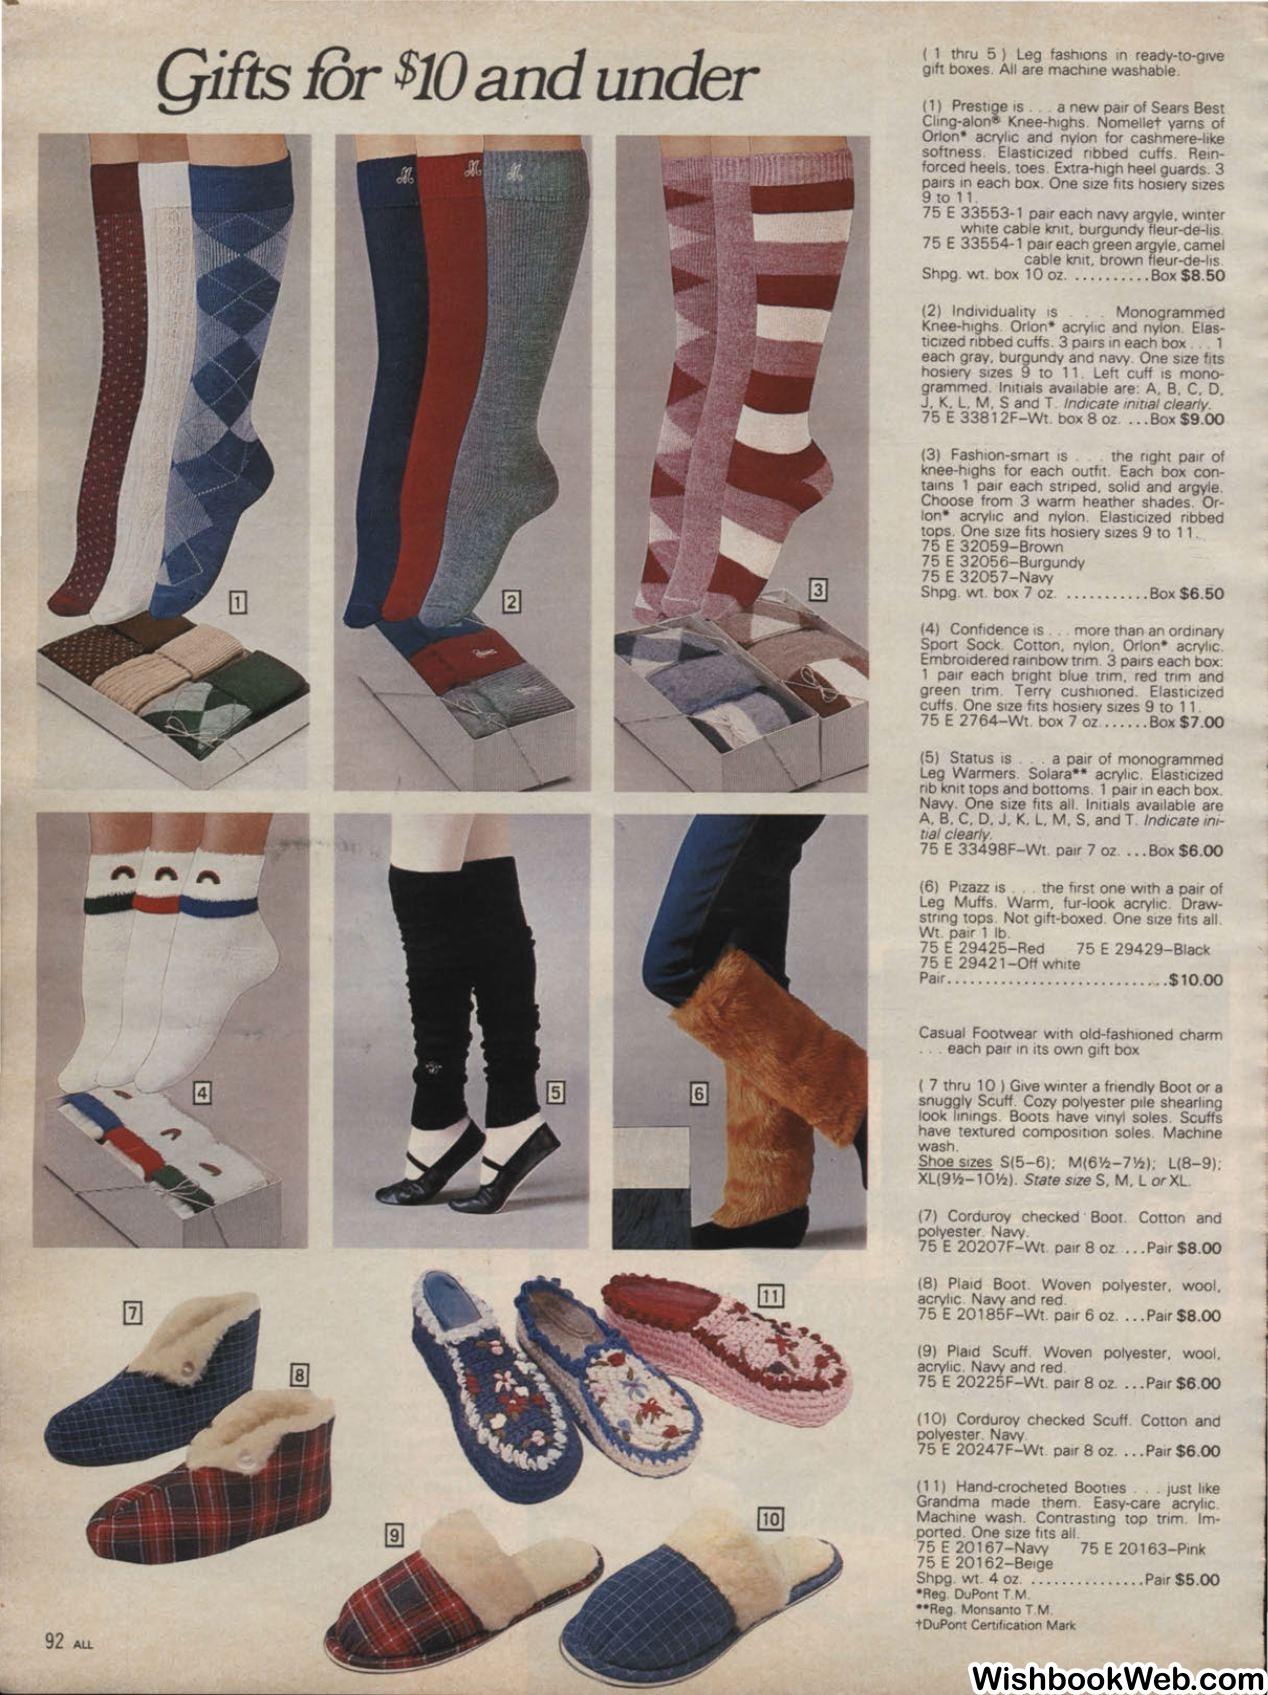 Kjaoi Girl Skirt Socks Uniform Bat Pattern Women Tube Socks Compression Socks